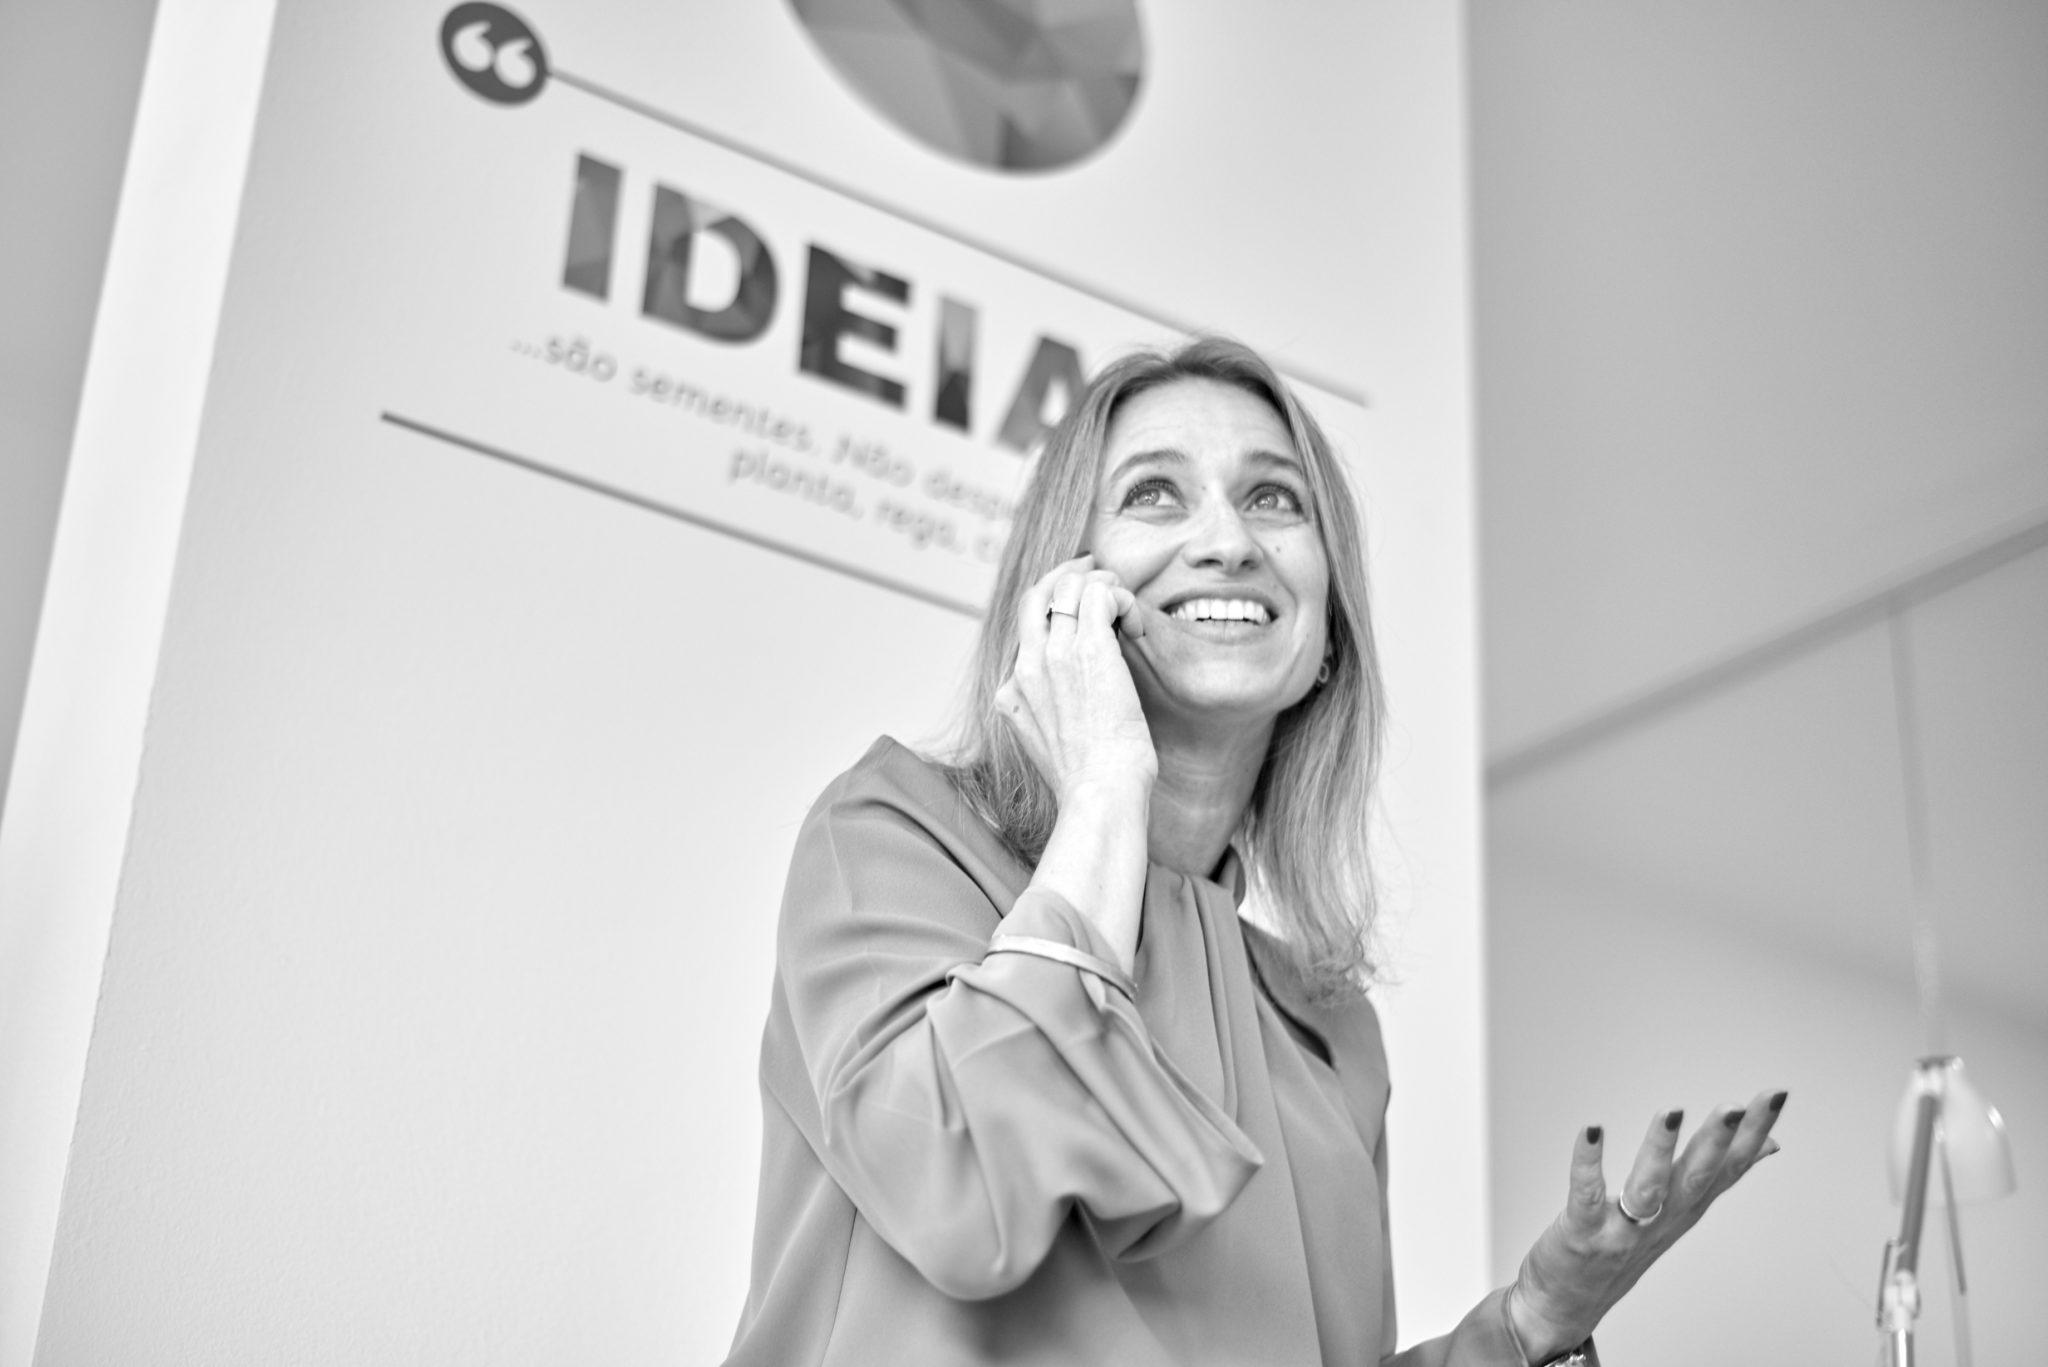 Susana Teixeira, sócia e directora-geral da Icebergue